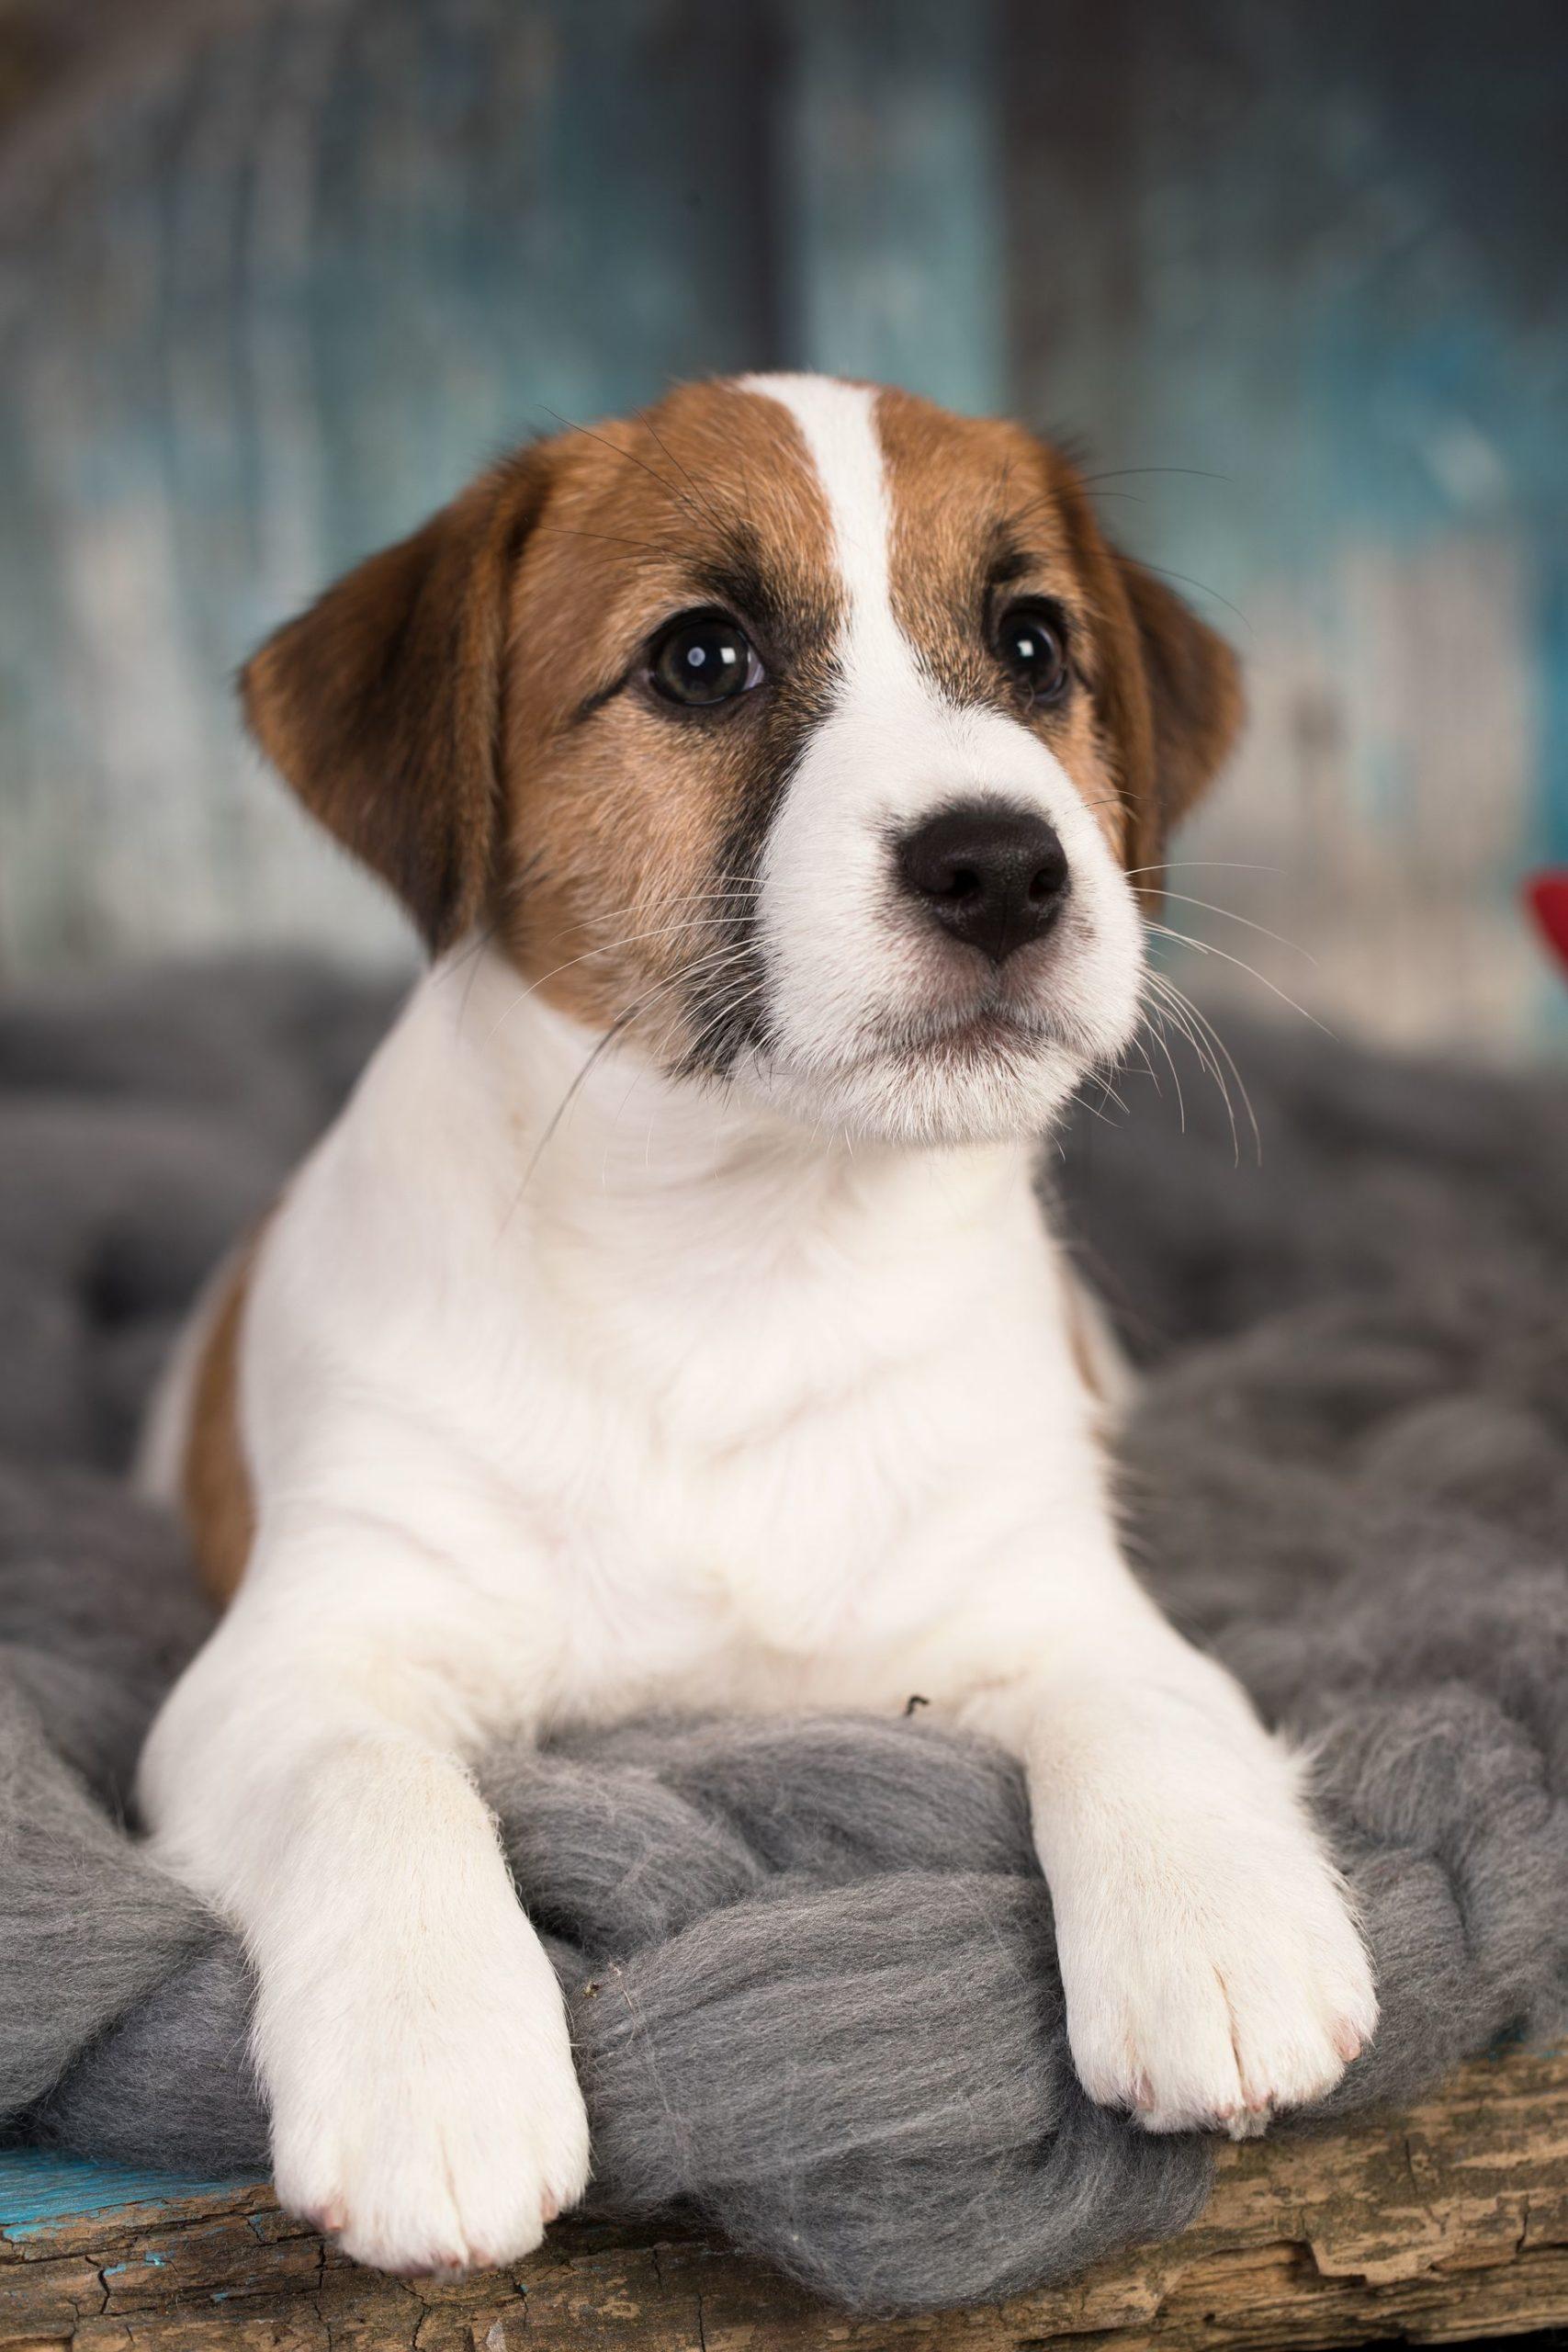 bigstock-Puppy-breed-Jack-Russell-Terri-316840525-compressor